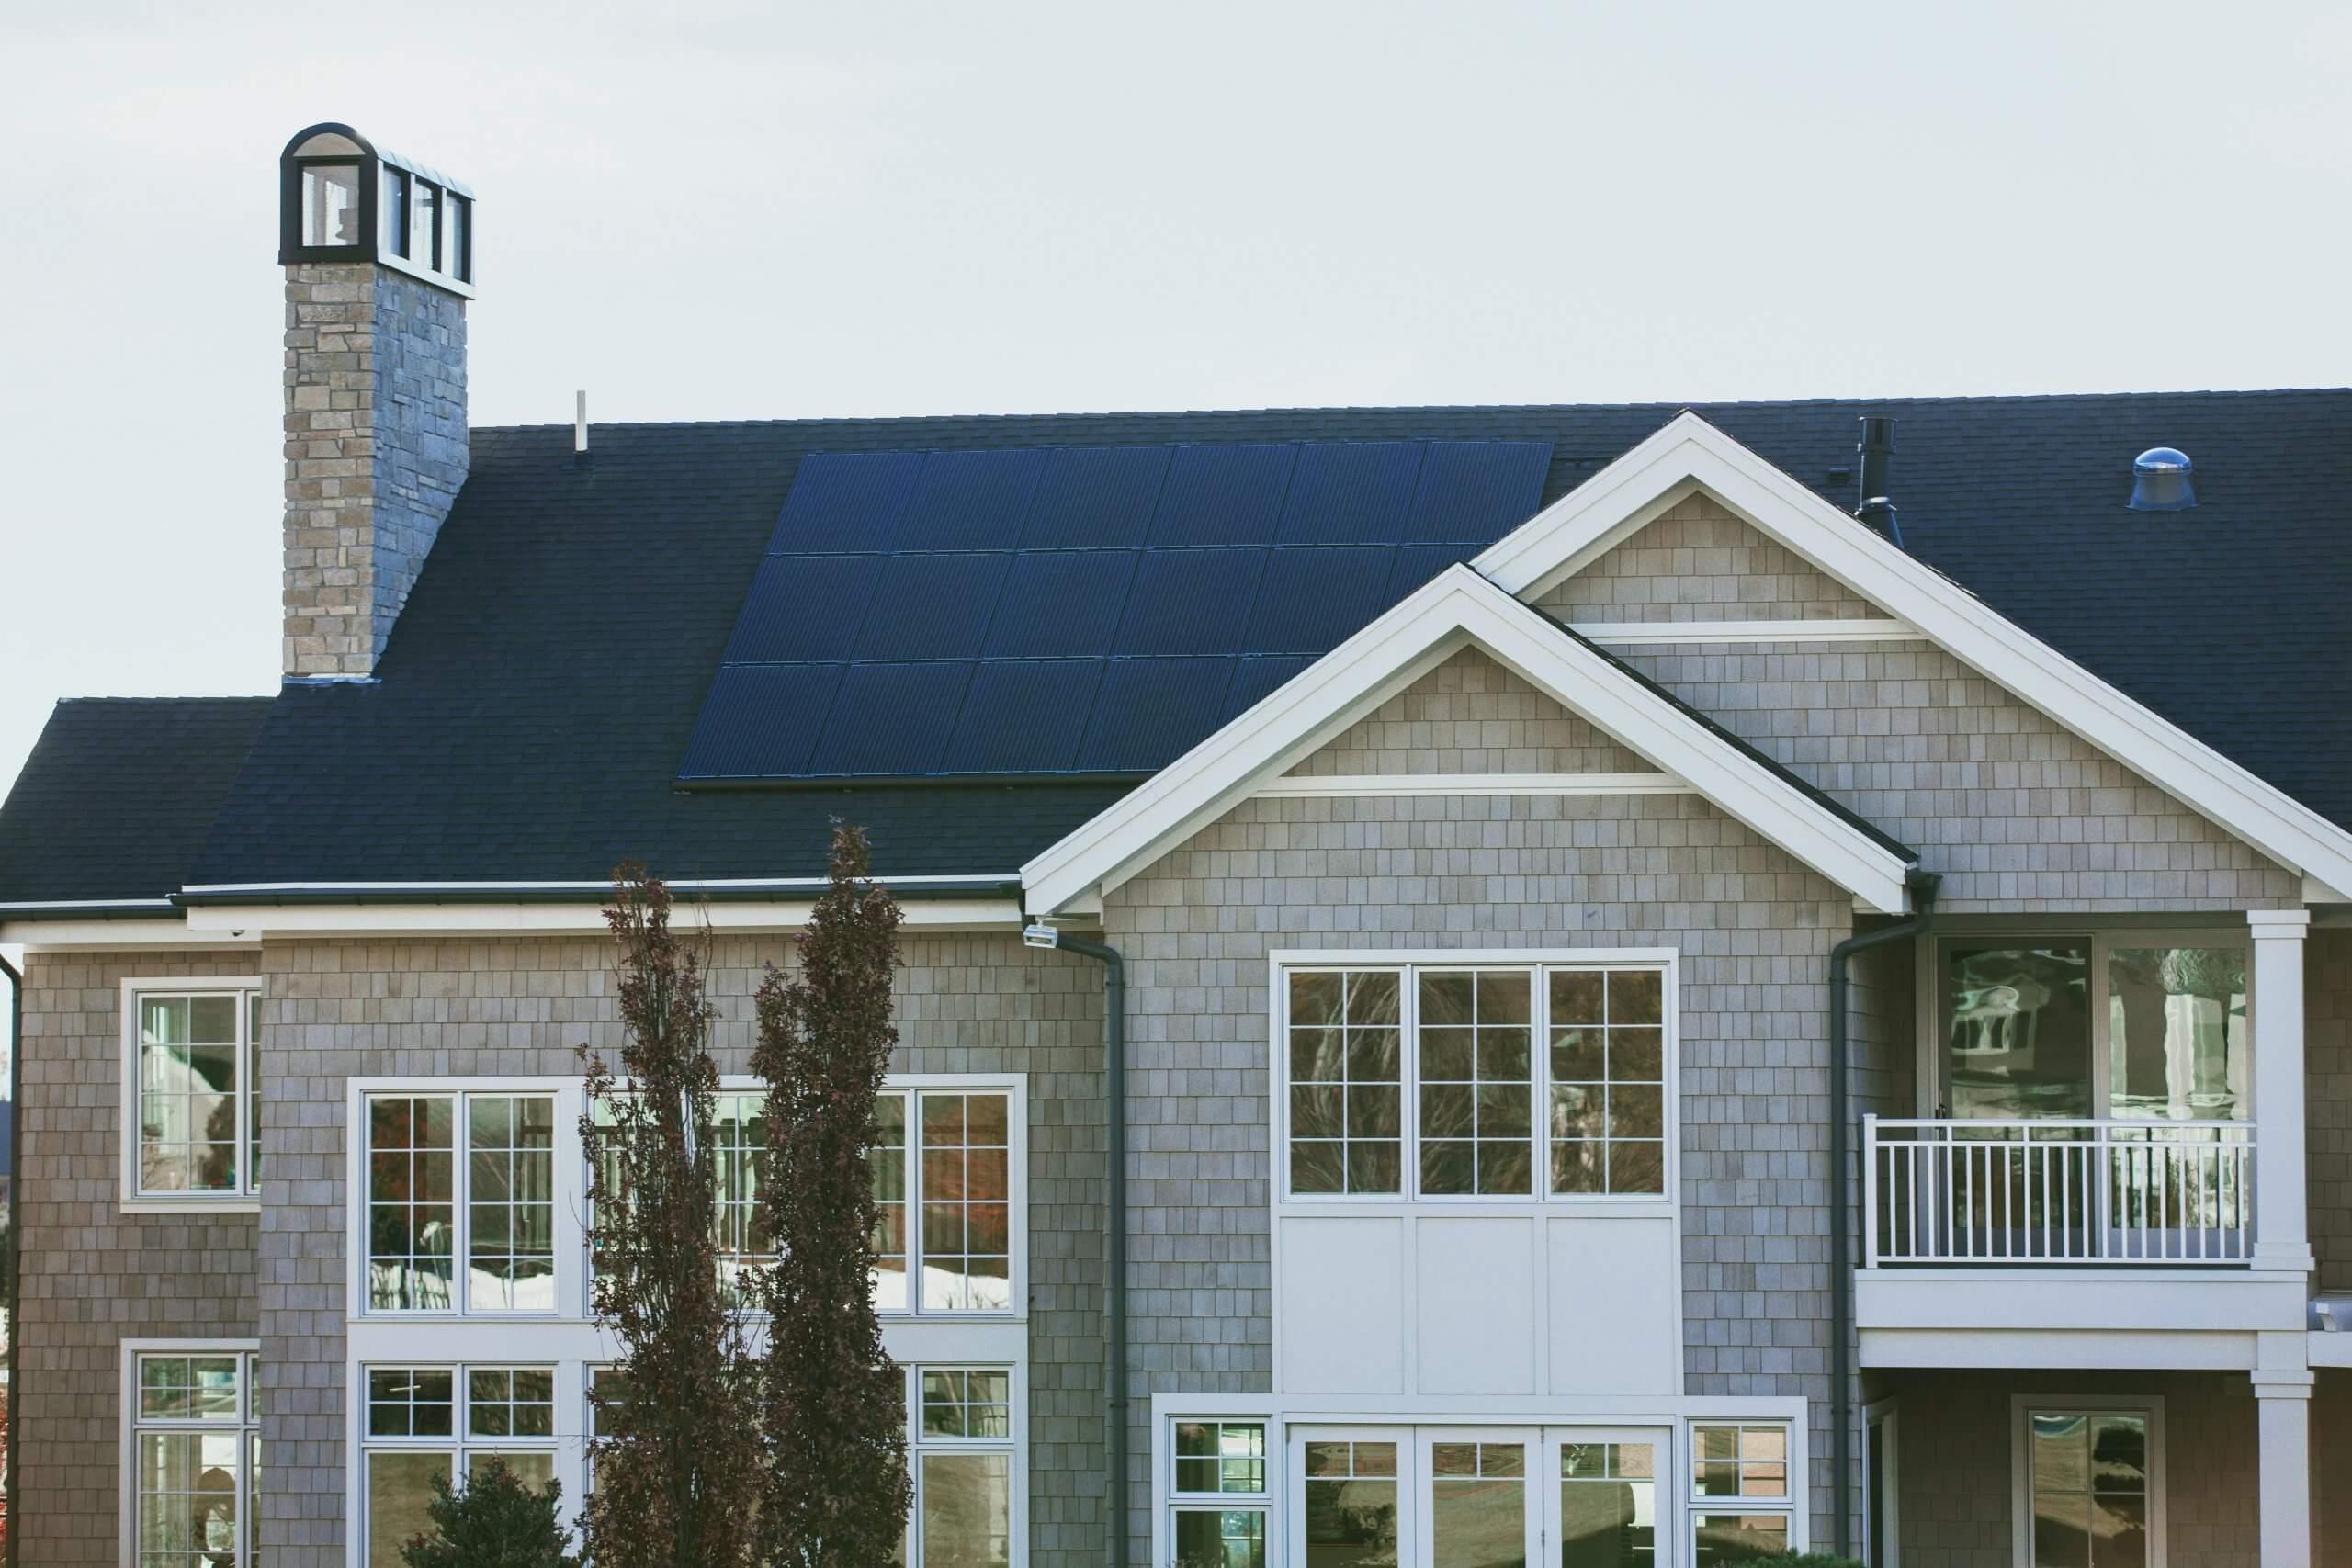 Trošimo sve više struje, a fotonaponski paneli odlično su rješenje kada je u pitanju ušteda